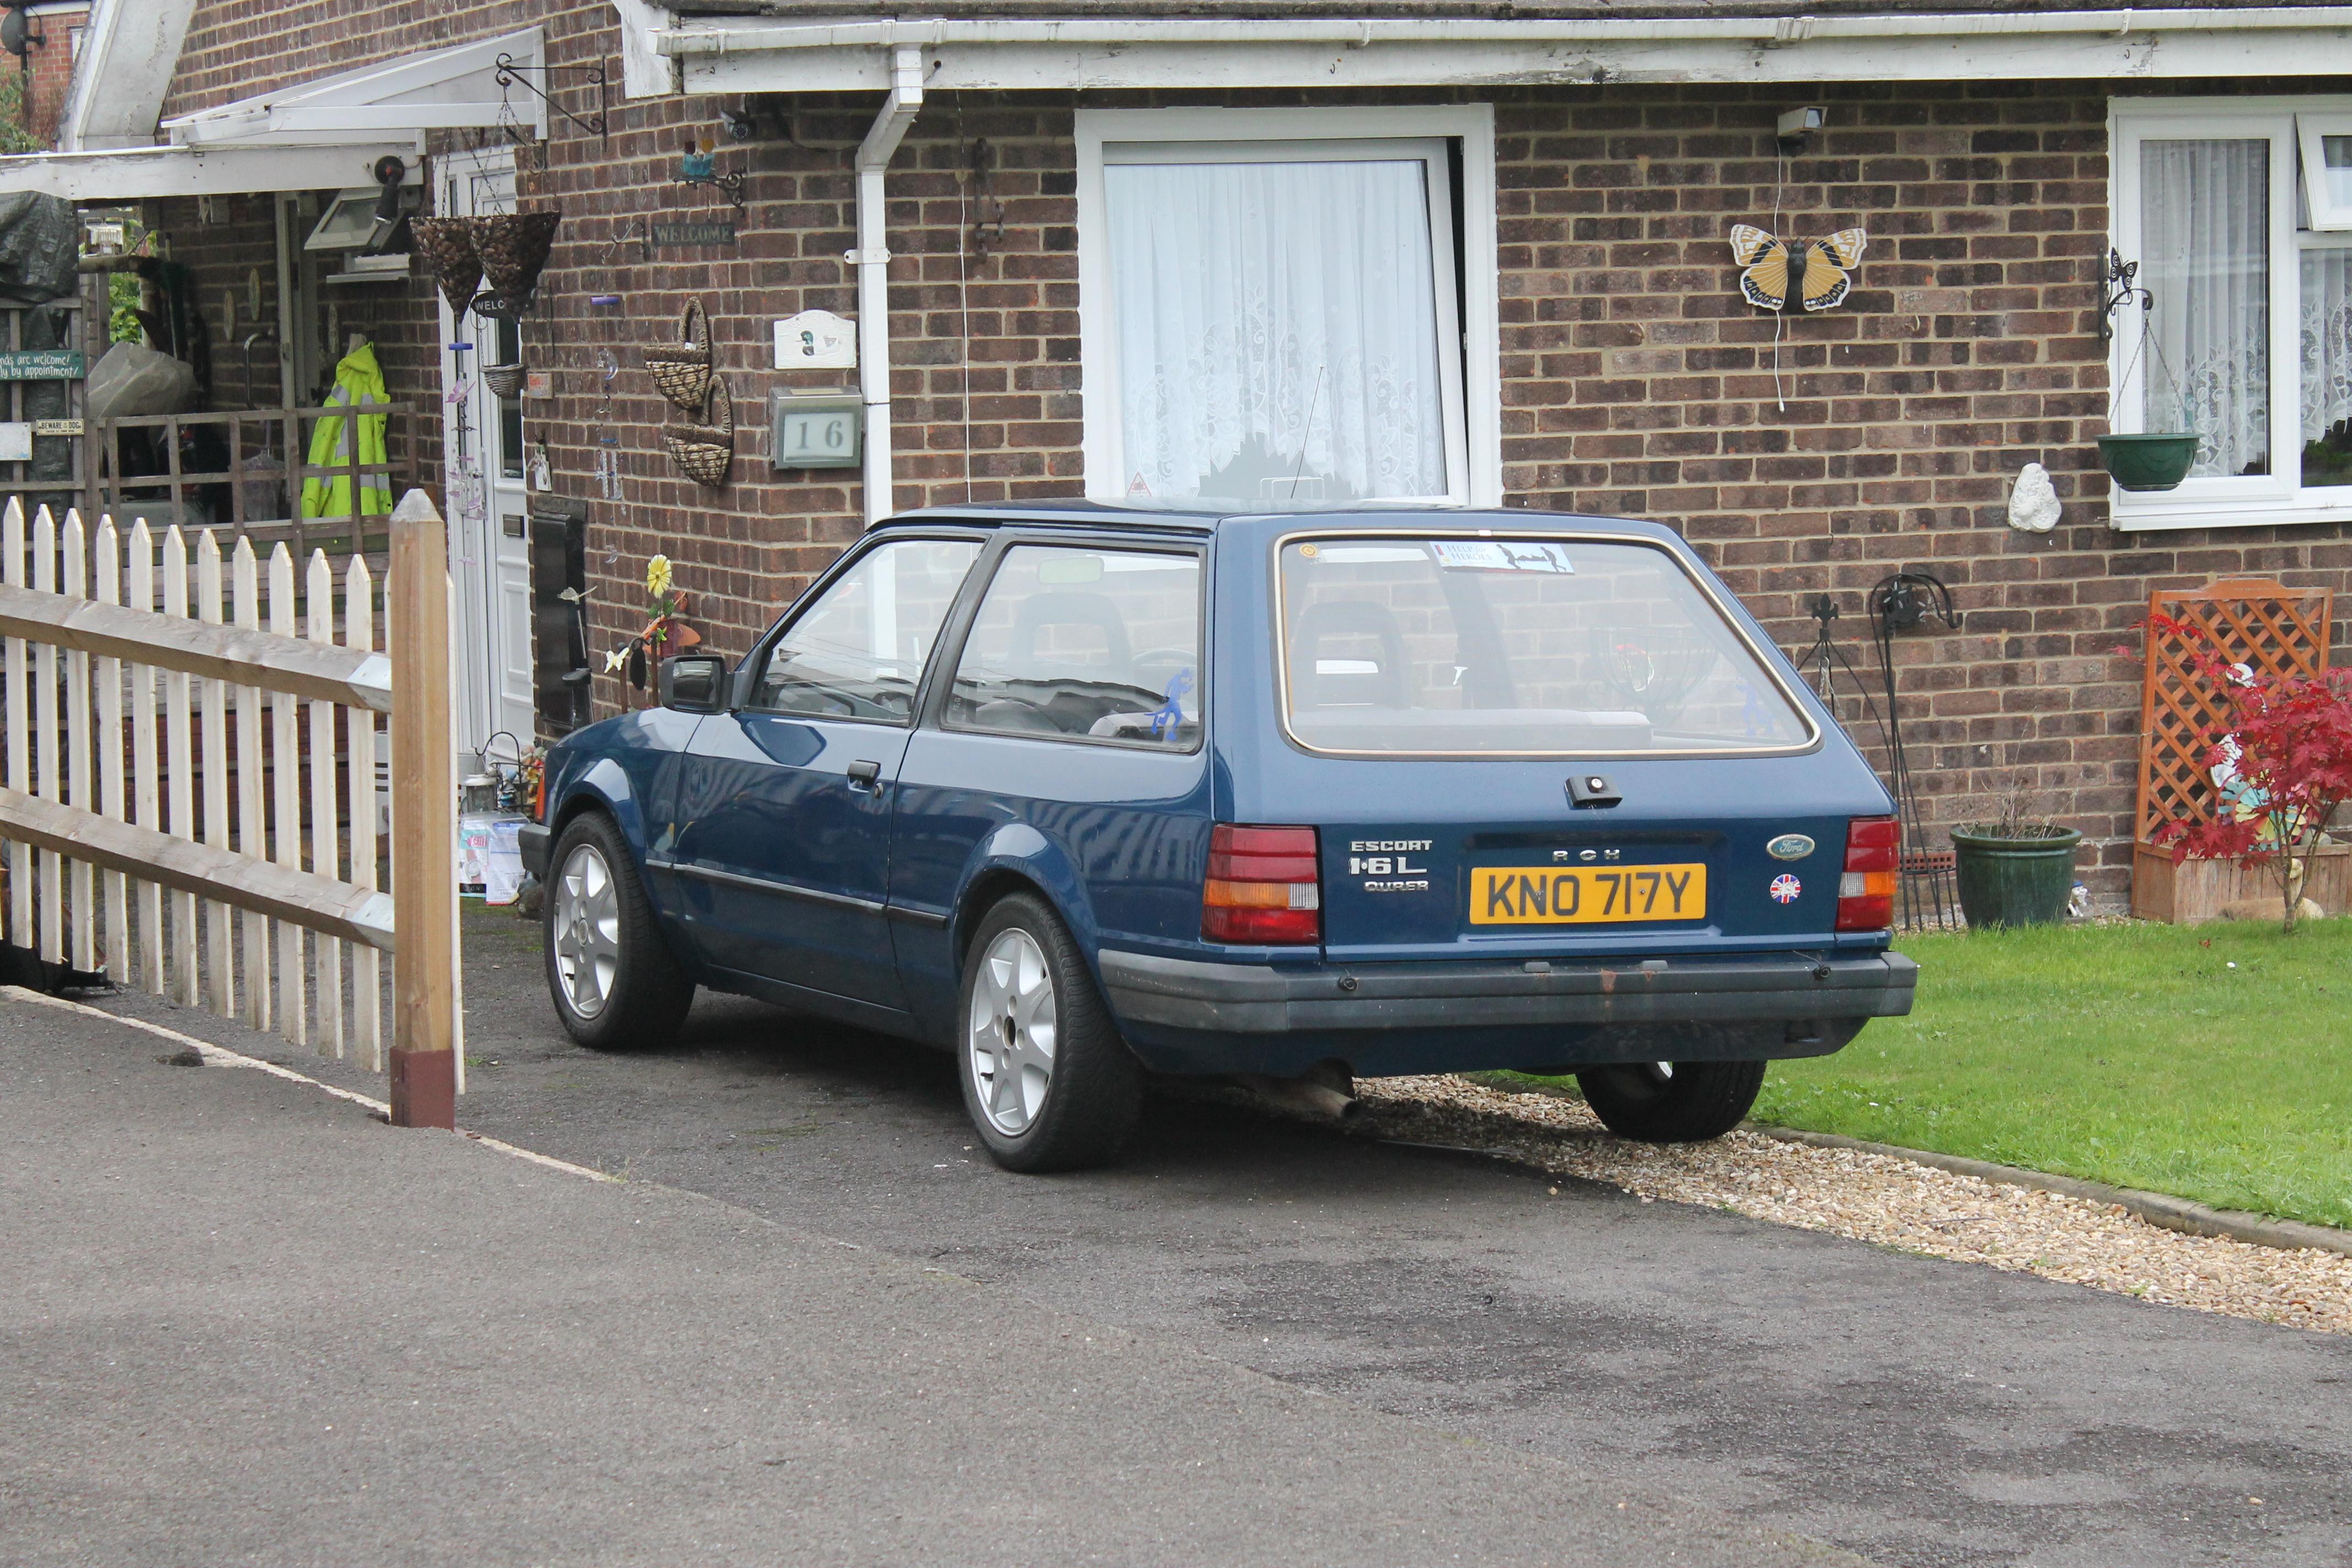 File:1983 Ford Escort Tourer 1.6 L Auto 3 door estate (9877729583 ...